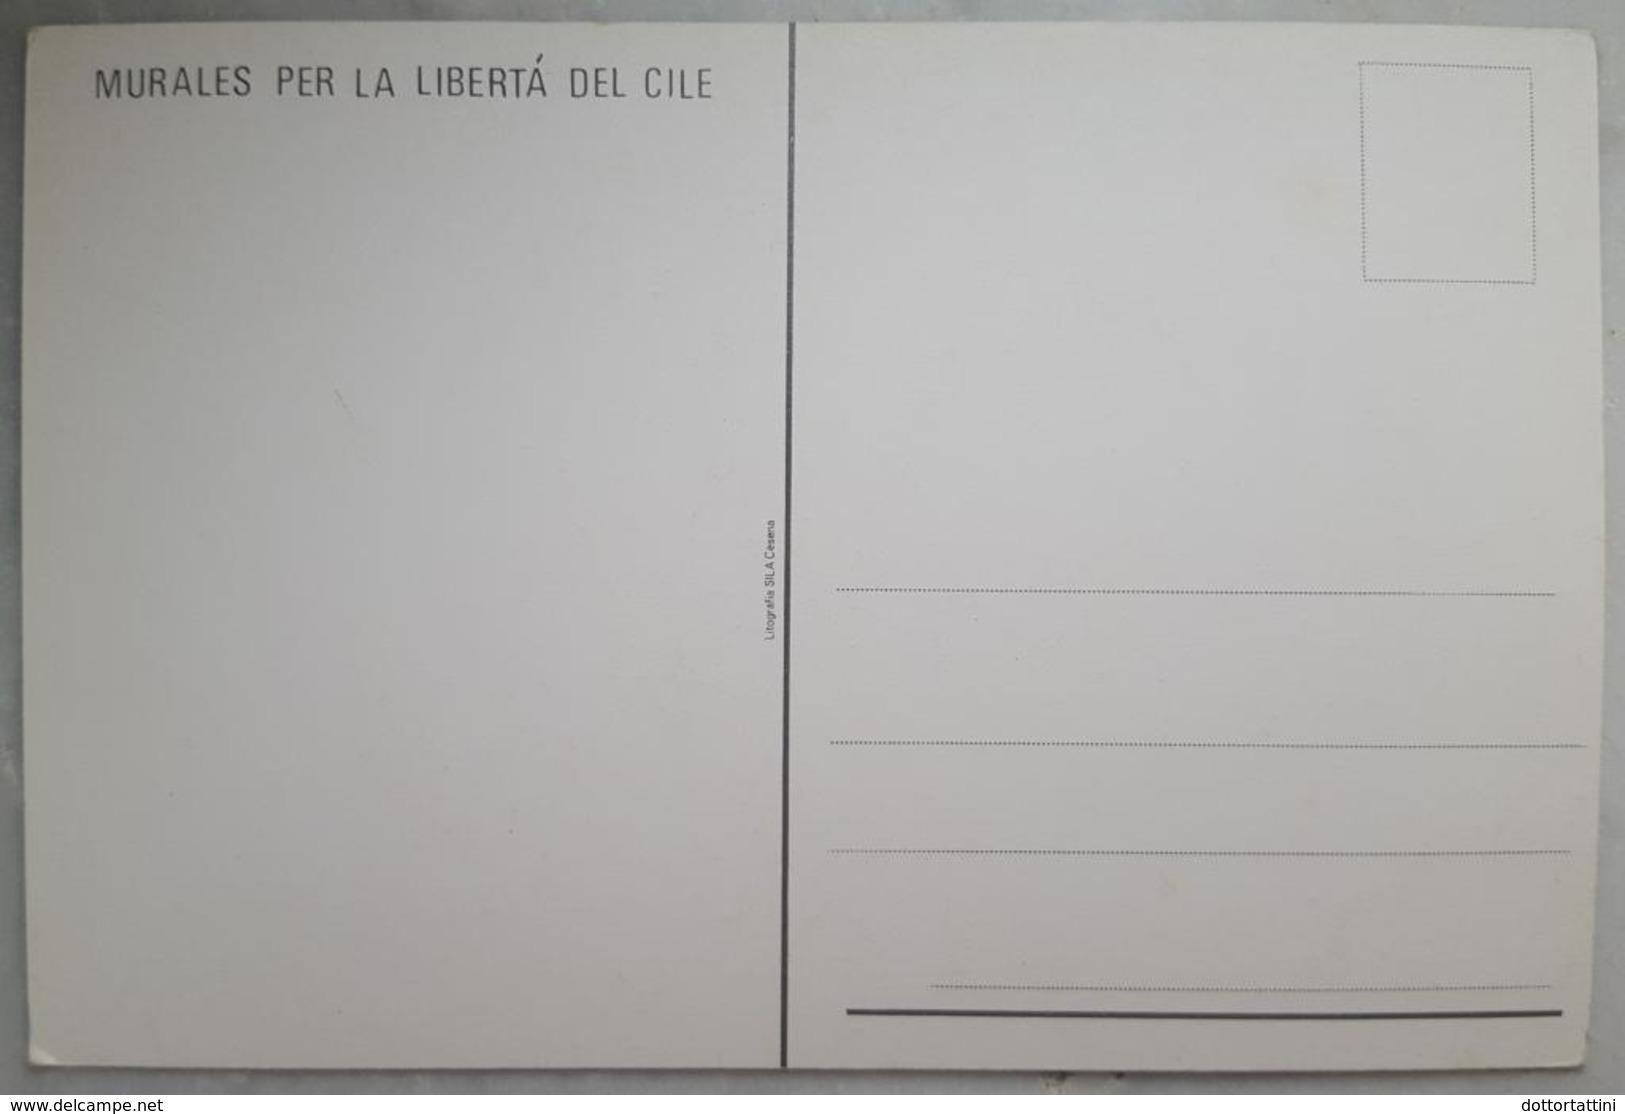 MURALES PER LA LIBERTA' DEL CILE - Chile - Salvador Allende - 1973 Pinochet Golpe  Graffiti  Nv - Storia